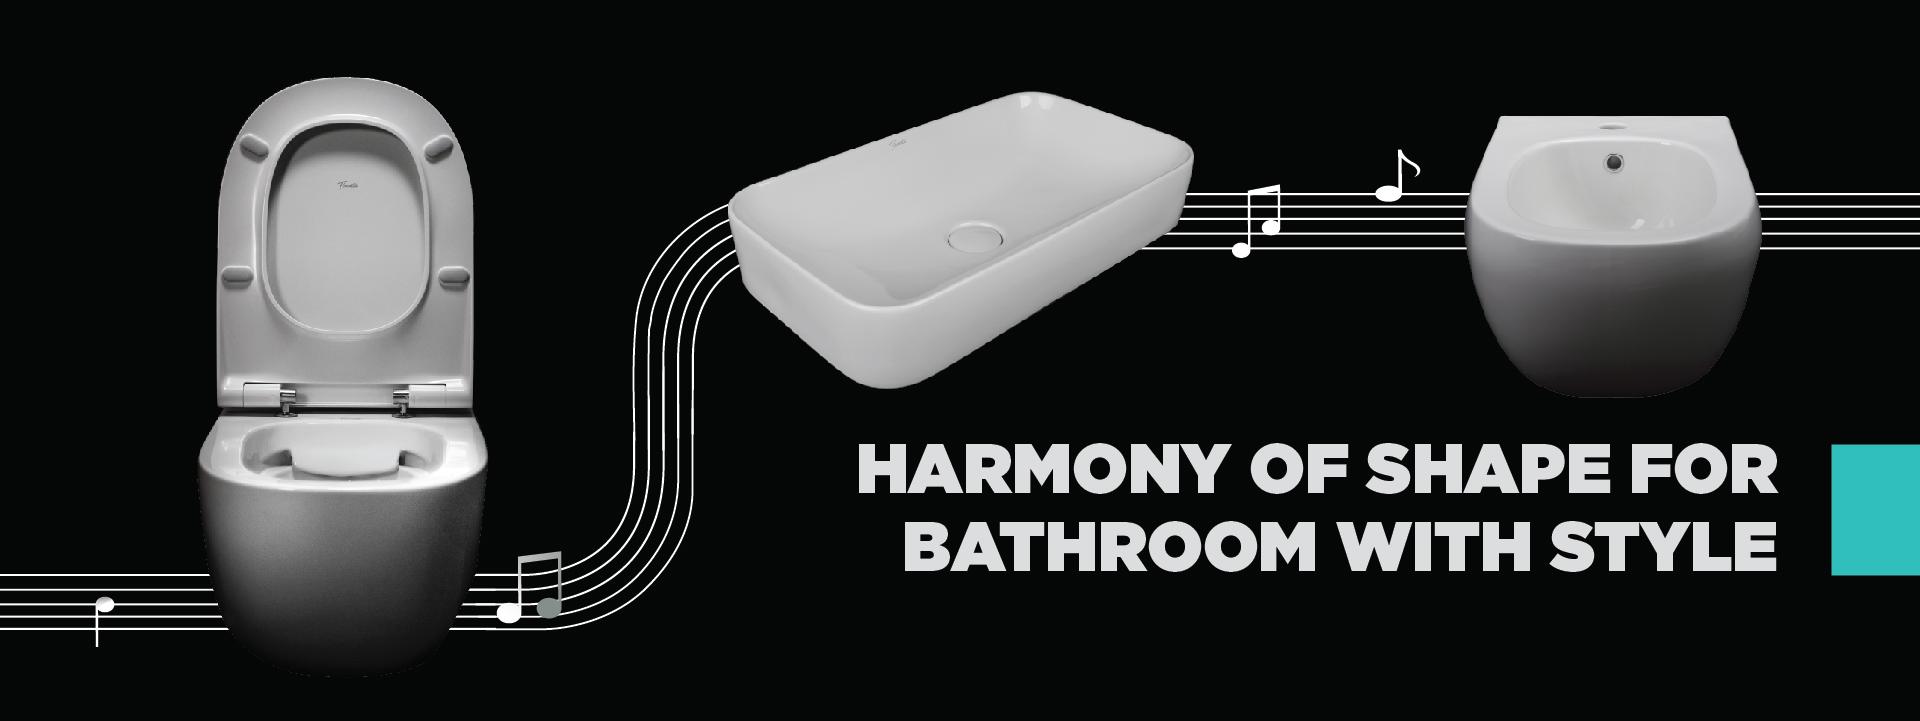 Harmony of shape - Fluenta sanitary ceramics